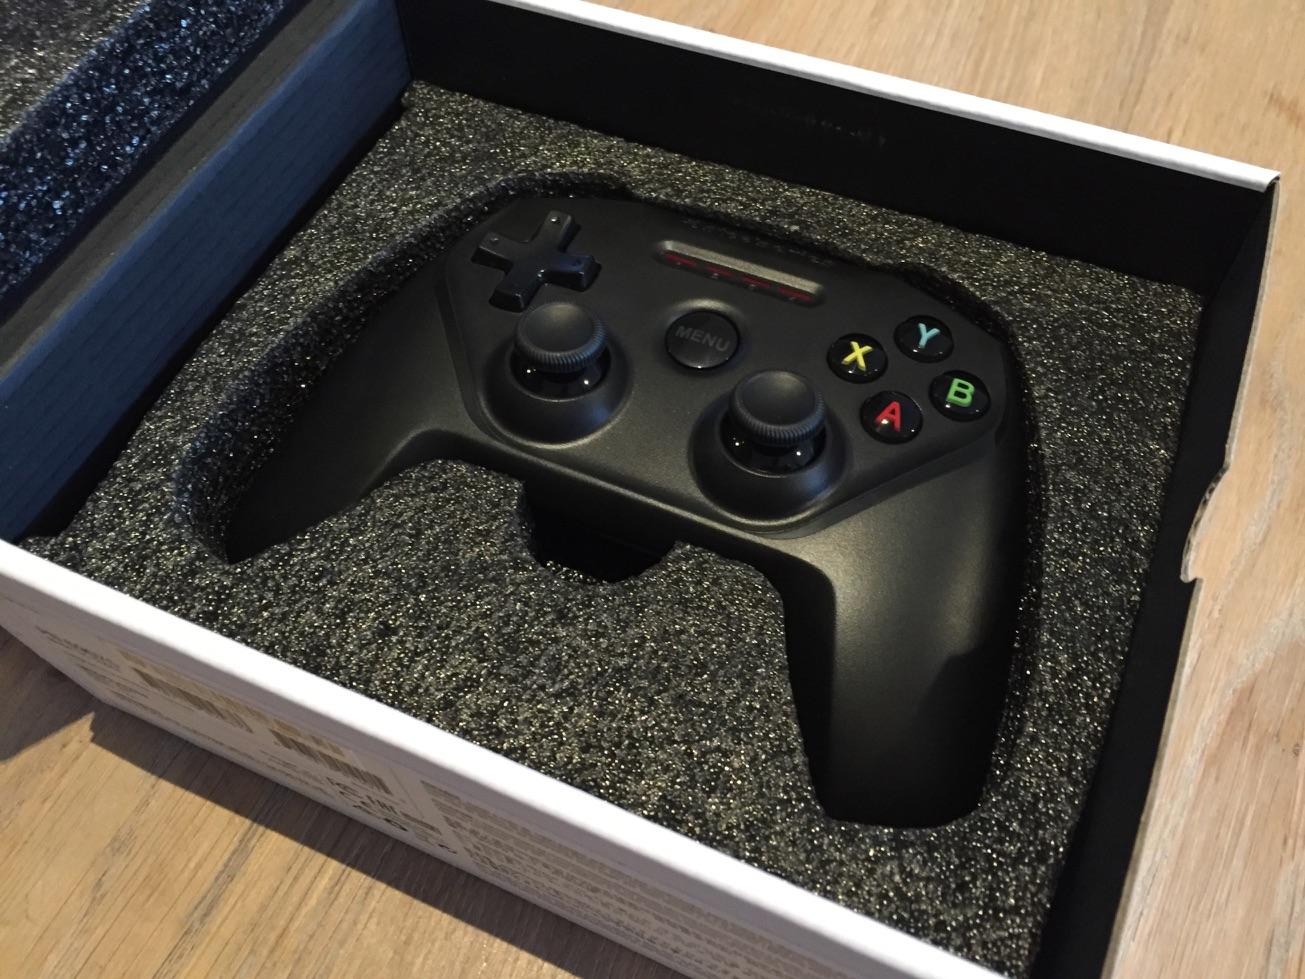 SteelSeries Nimbus draadloze controller in de doos.